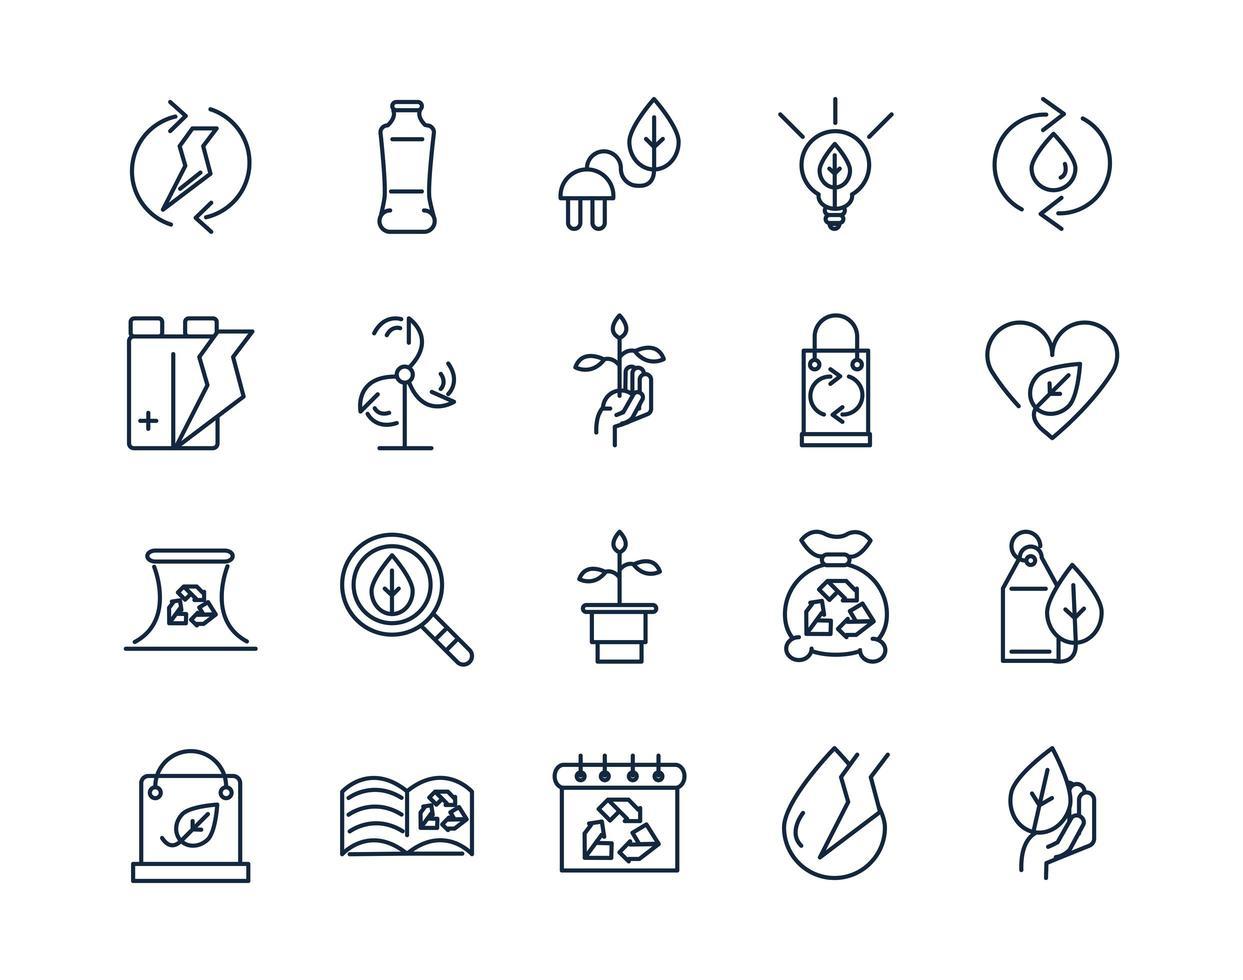 ecología y medio ambiente conjunto de iconos de arte lineal vector